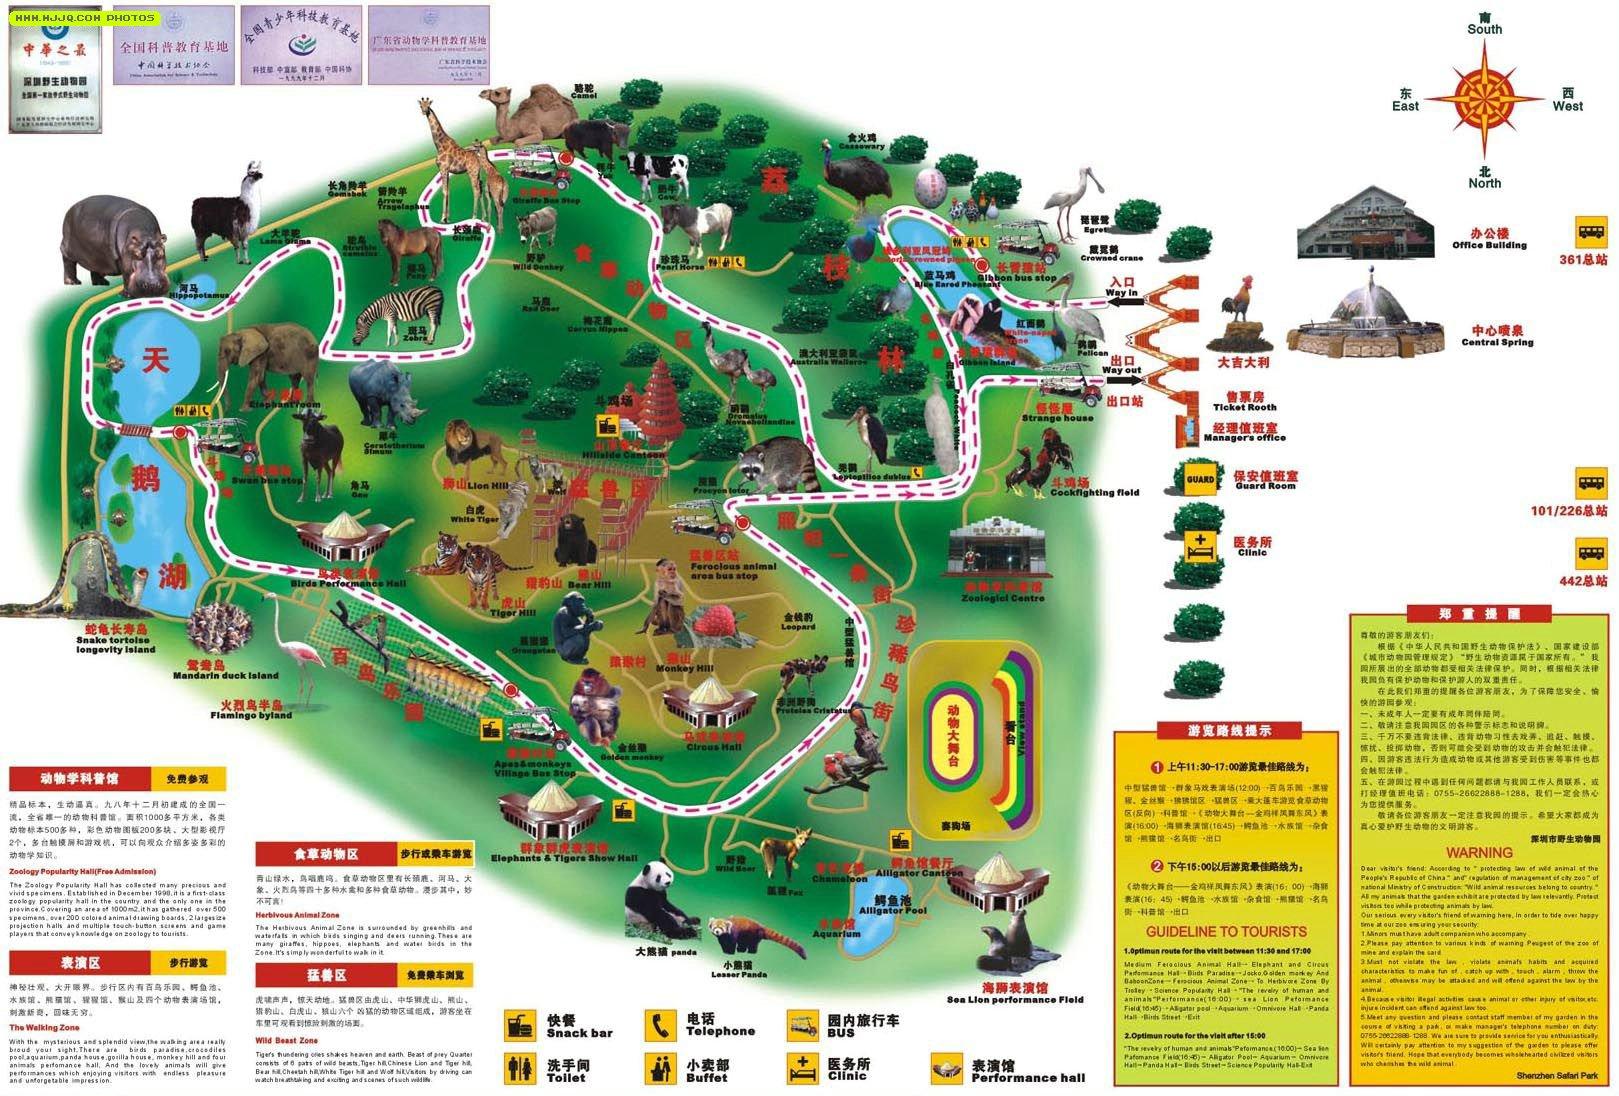 上海动物园游览图_深圳野生动物园导游图_广东旅游地图库_地图窝